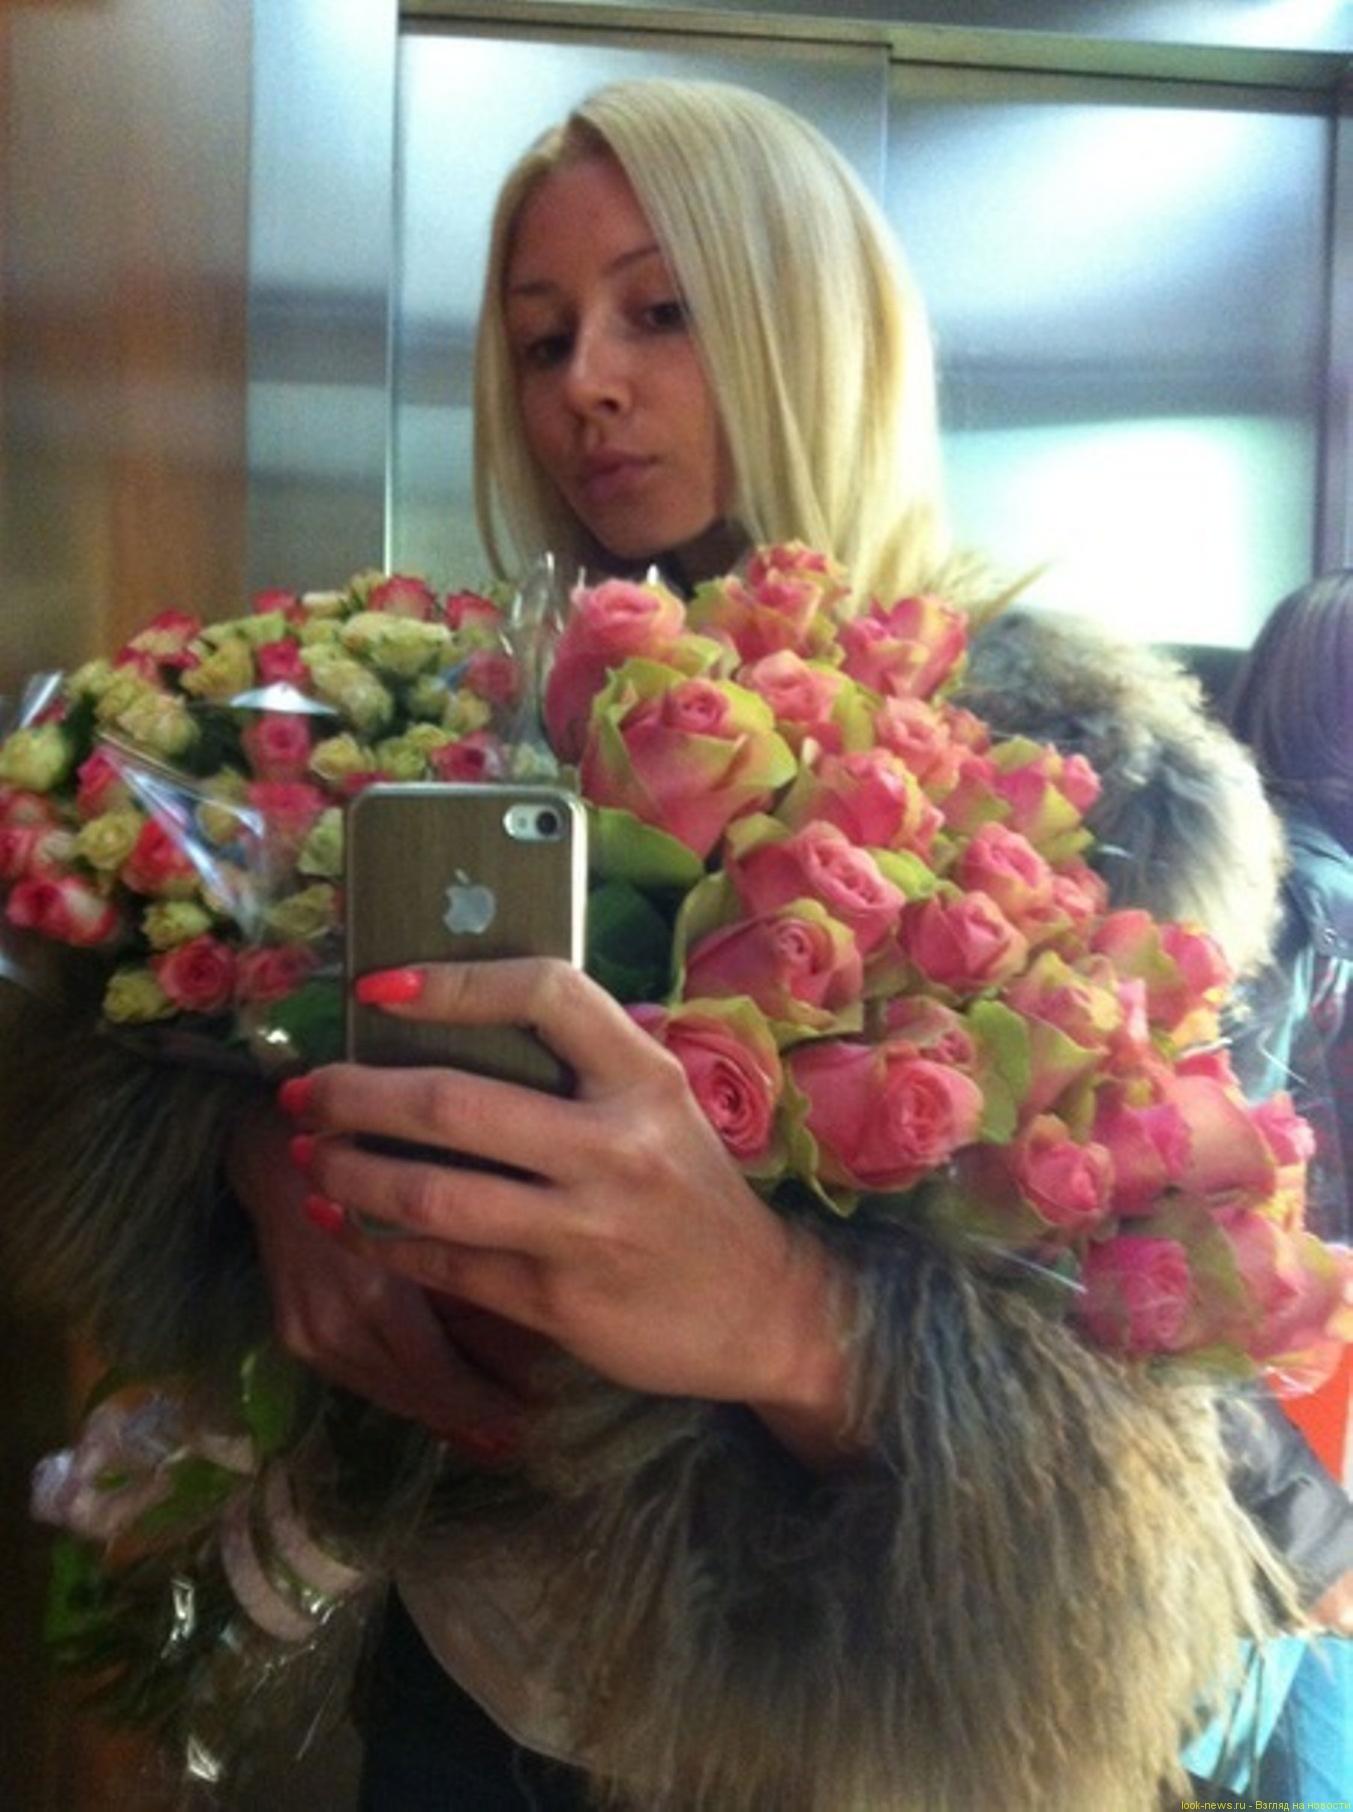 Фото голая девушка с букетом цветов 15 фотография